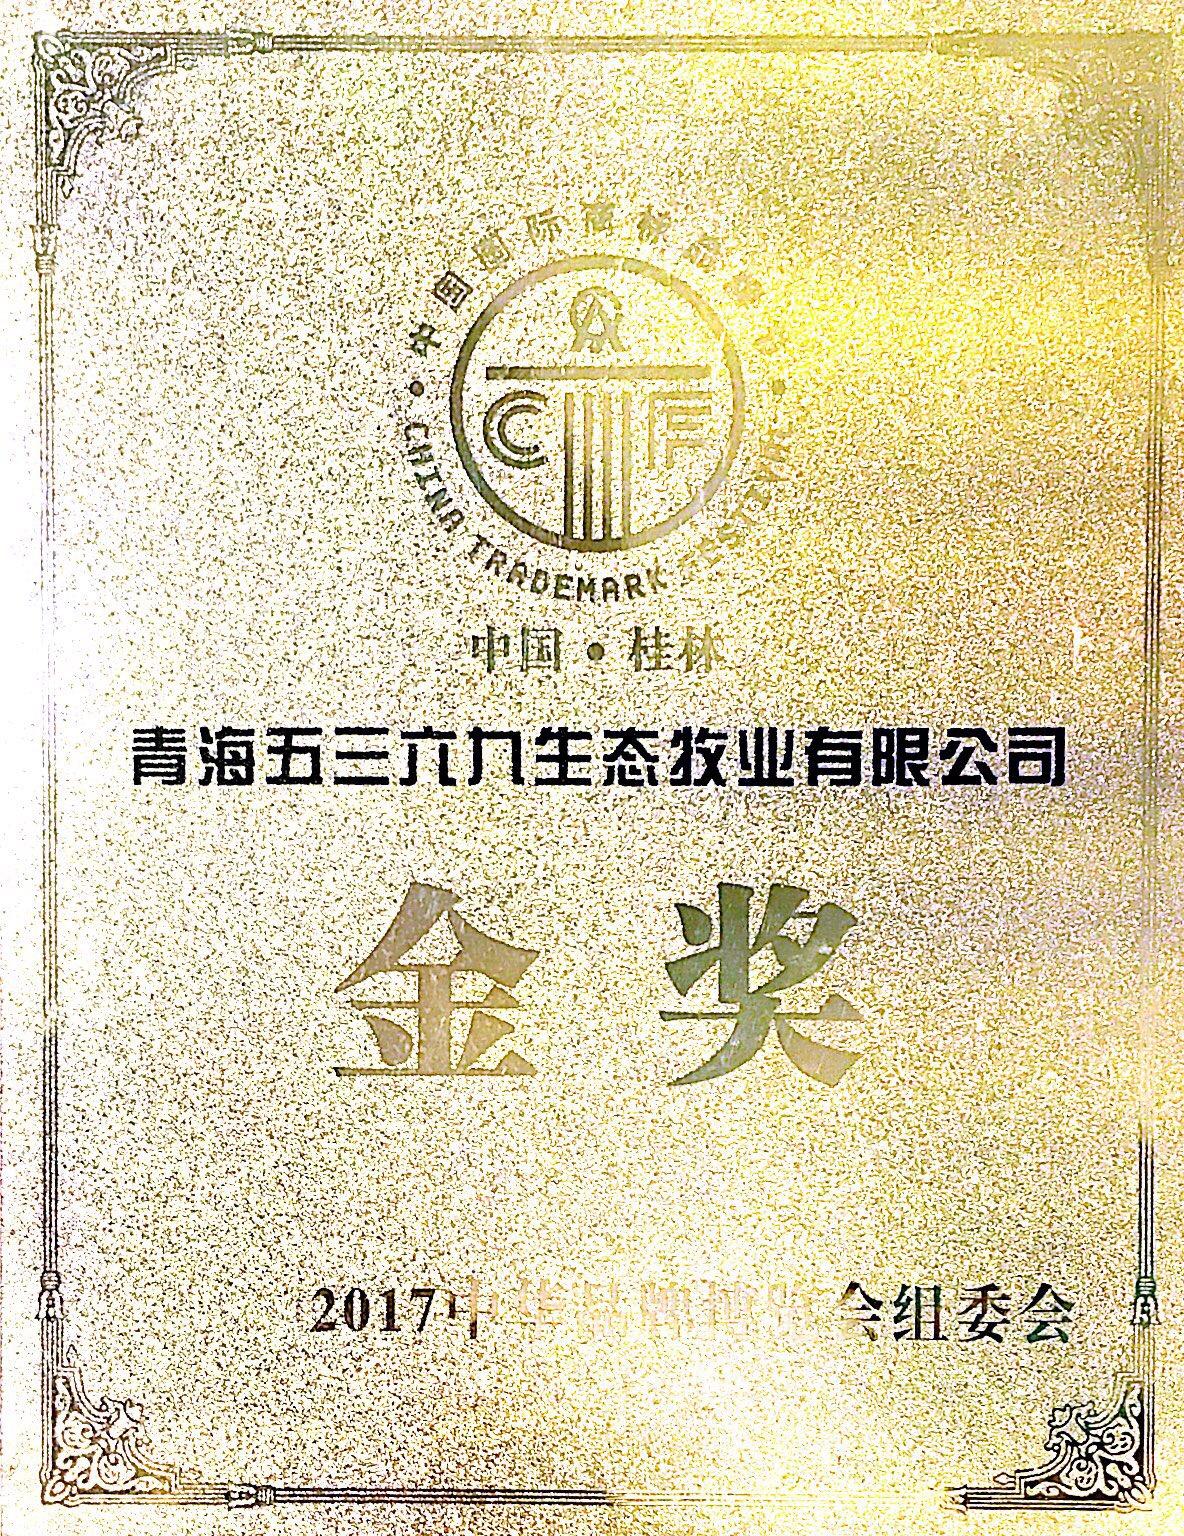 中华品牌博览会金奖